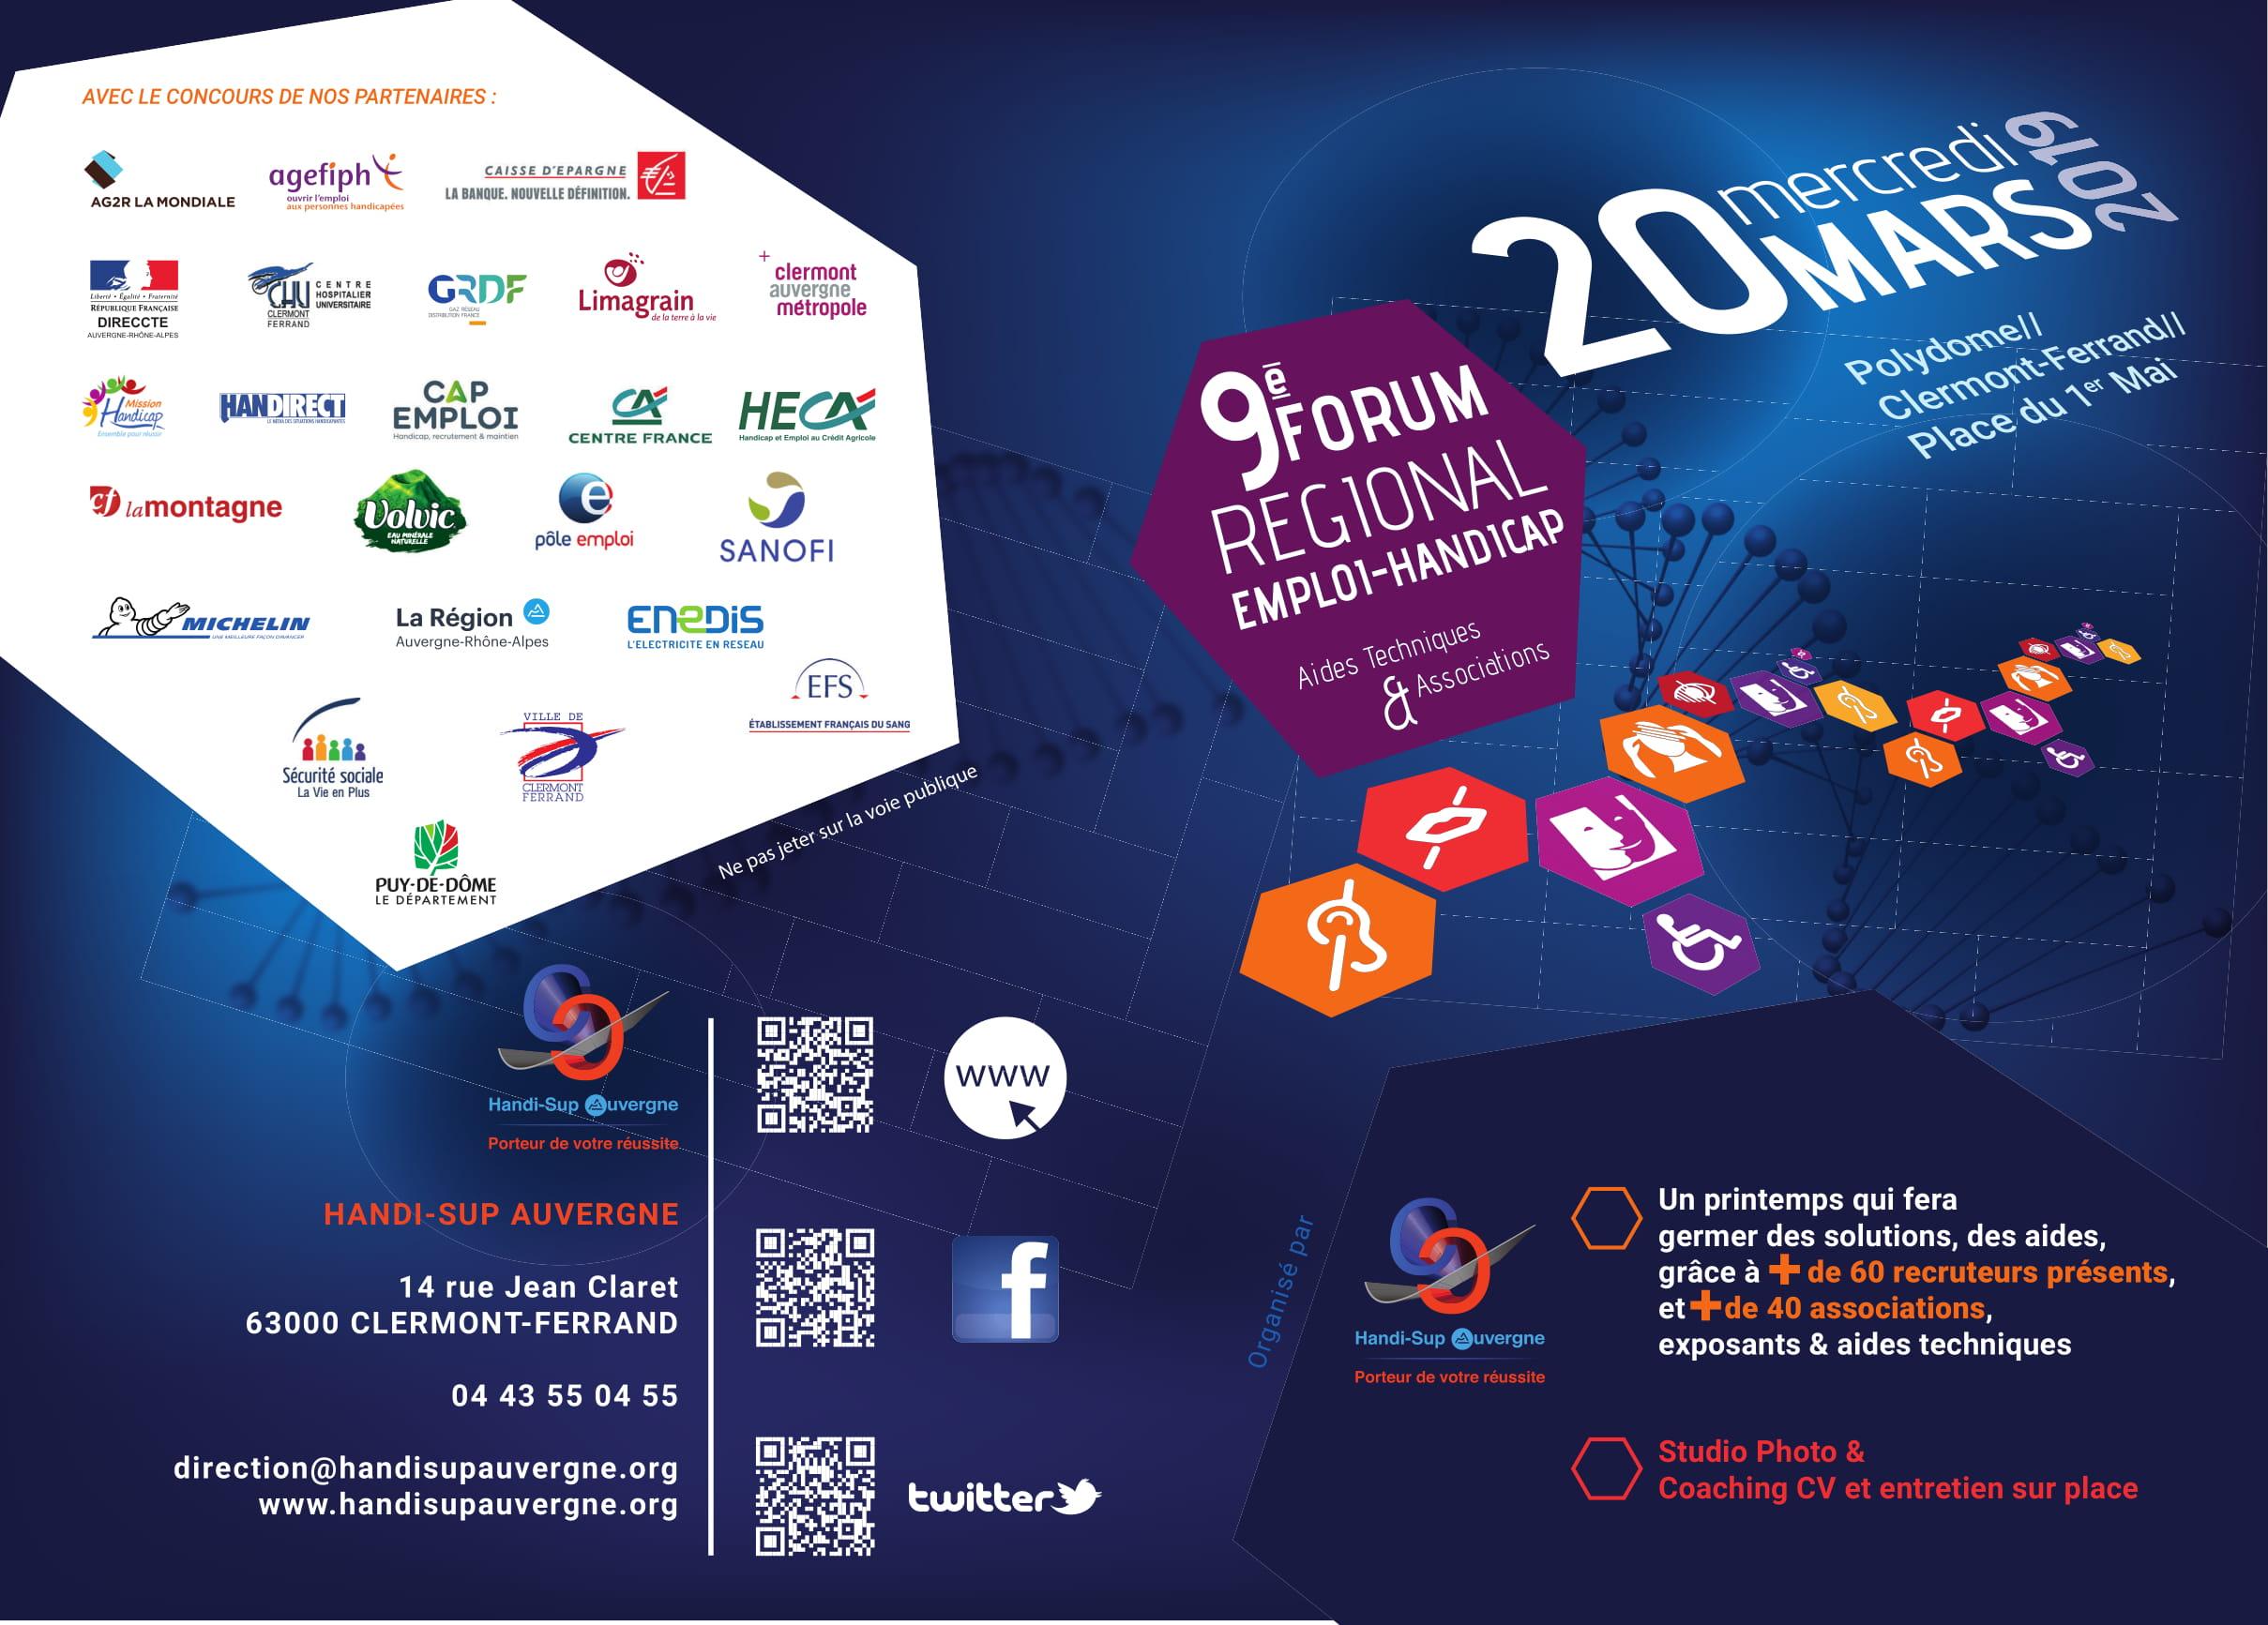 Forum Emploi Handicap - 20 mars 2019